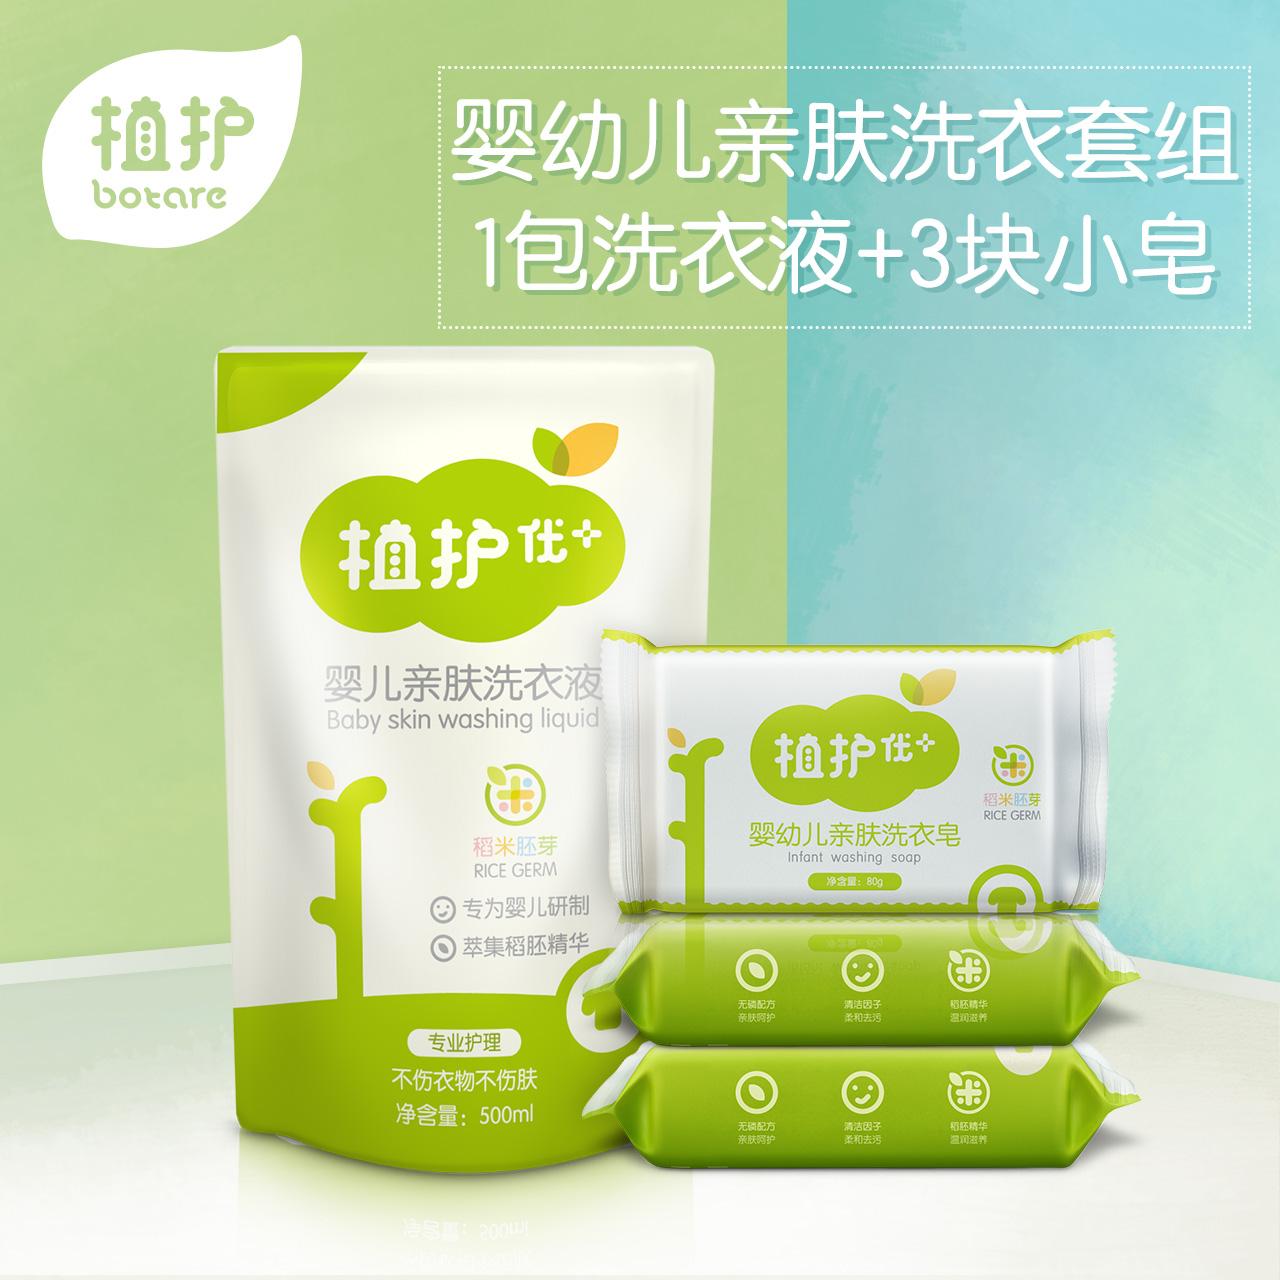 植护 婴儿洗衣液补充装500ml+宝宝亲肤洗衣皂80g*3块儿童尿布肥皂